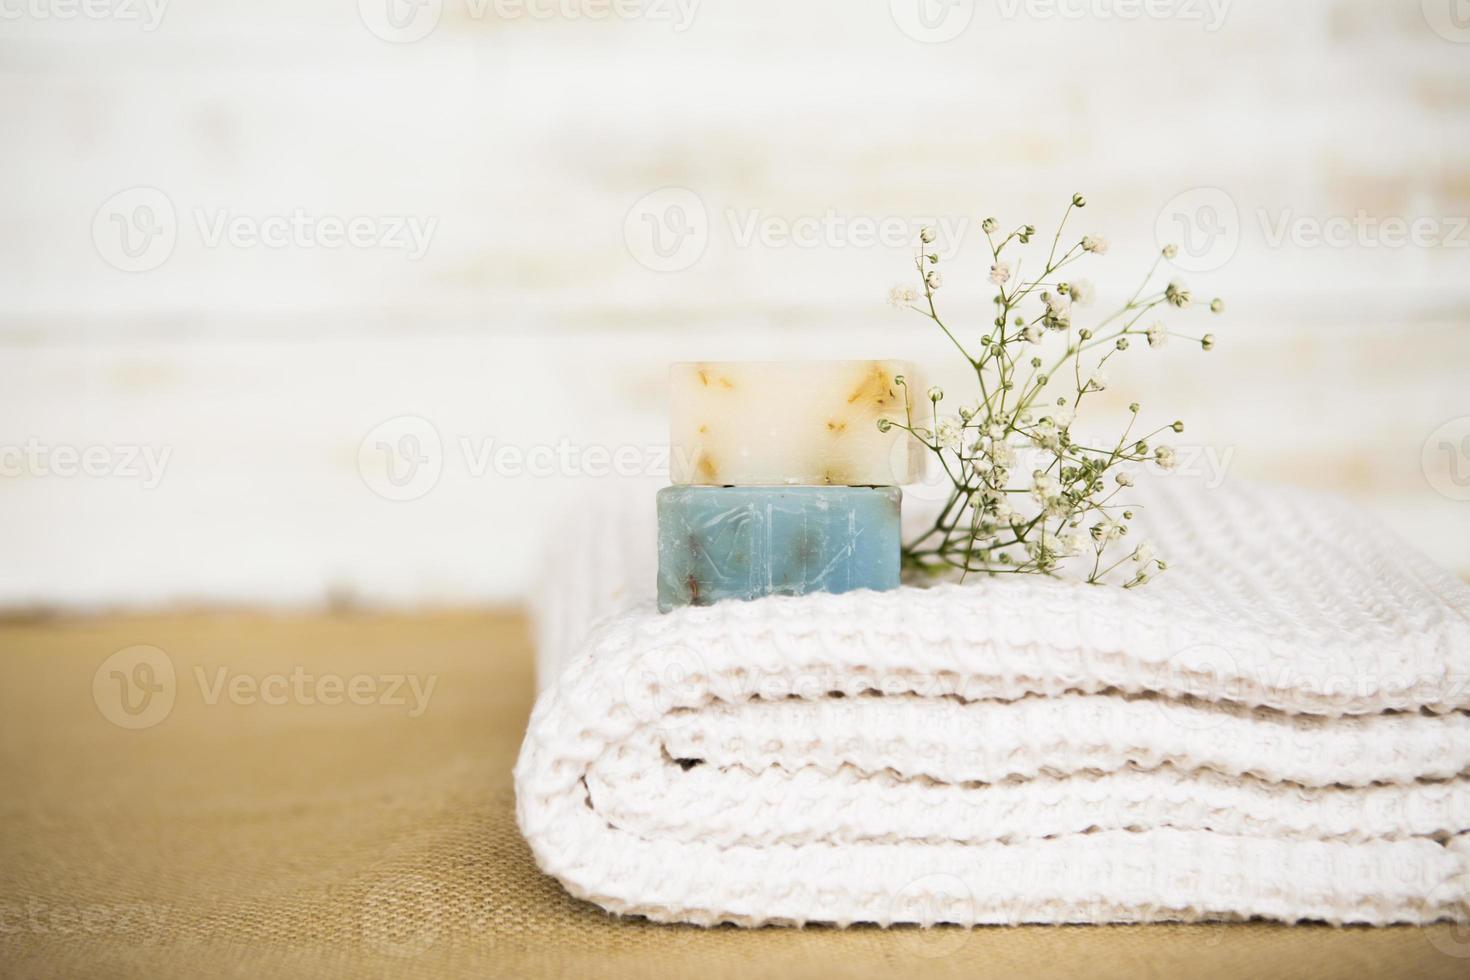 tvålhandduk på spa-bakgrund foto